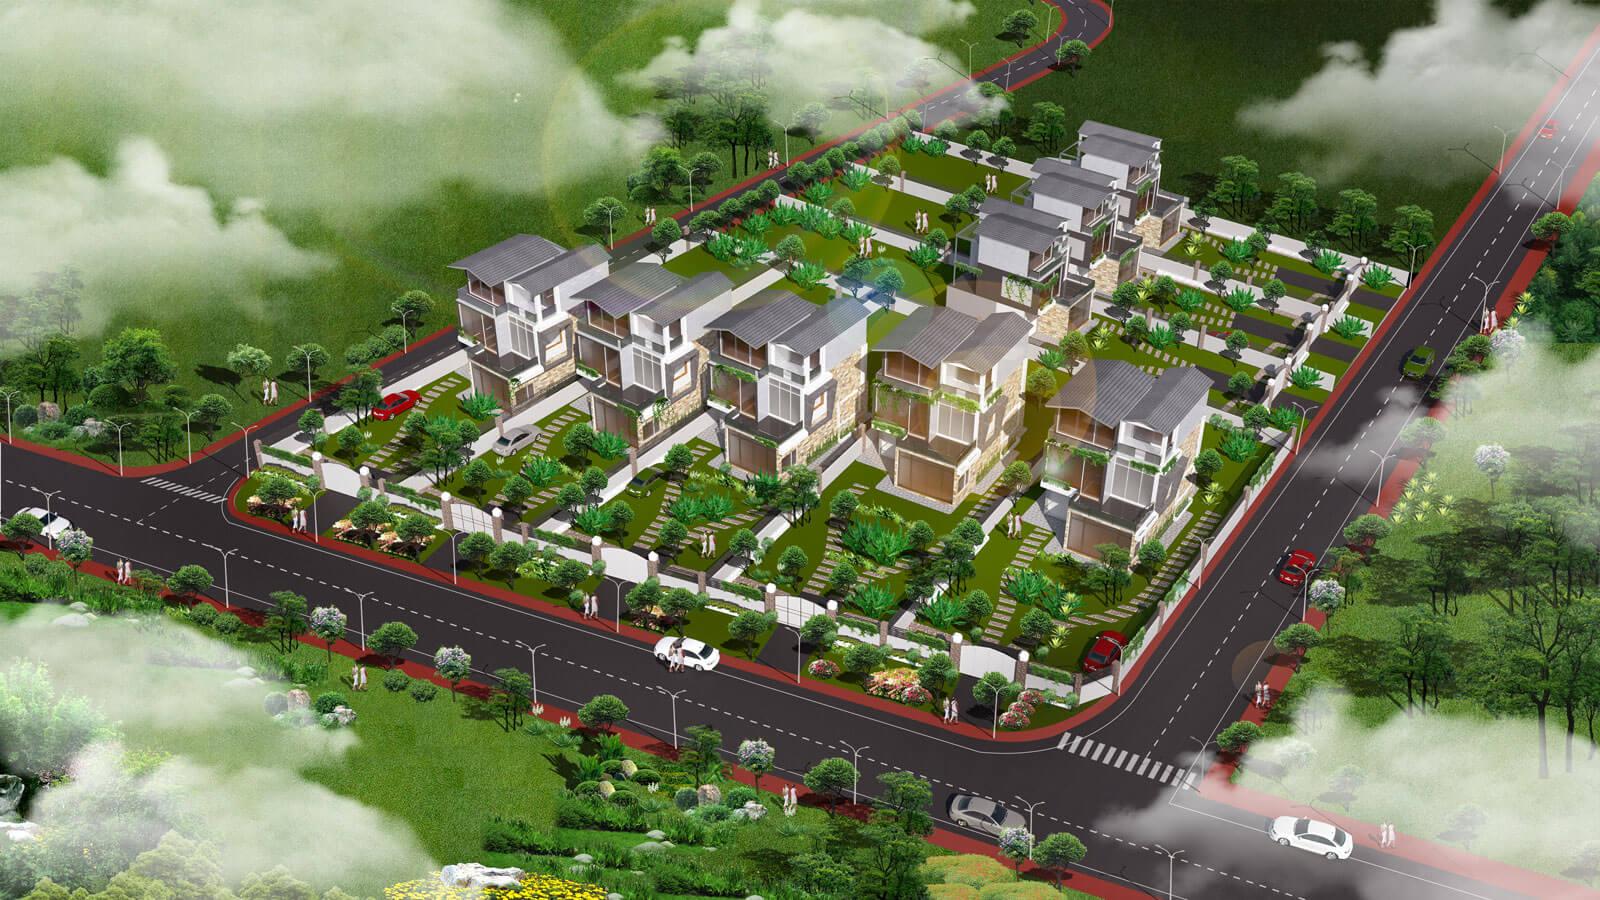 Thiết kế phối cảnh 3D khu bất động sản Hồ Tràm Central Land, bởi hcall